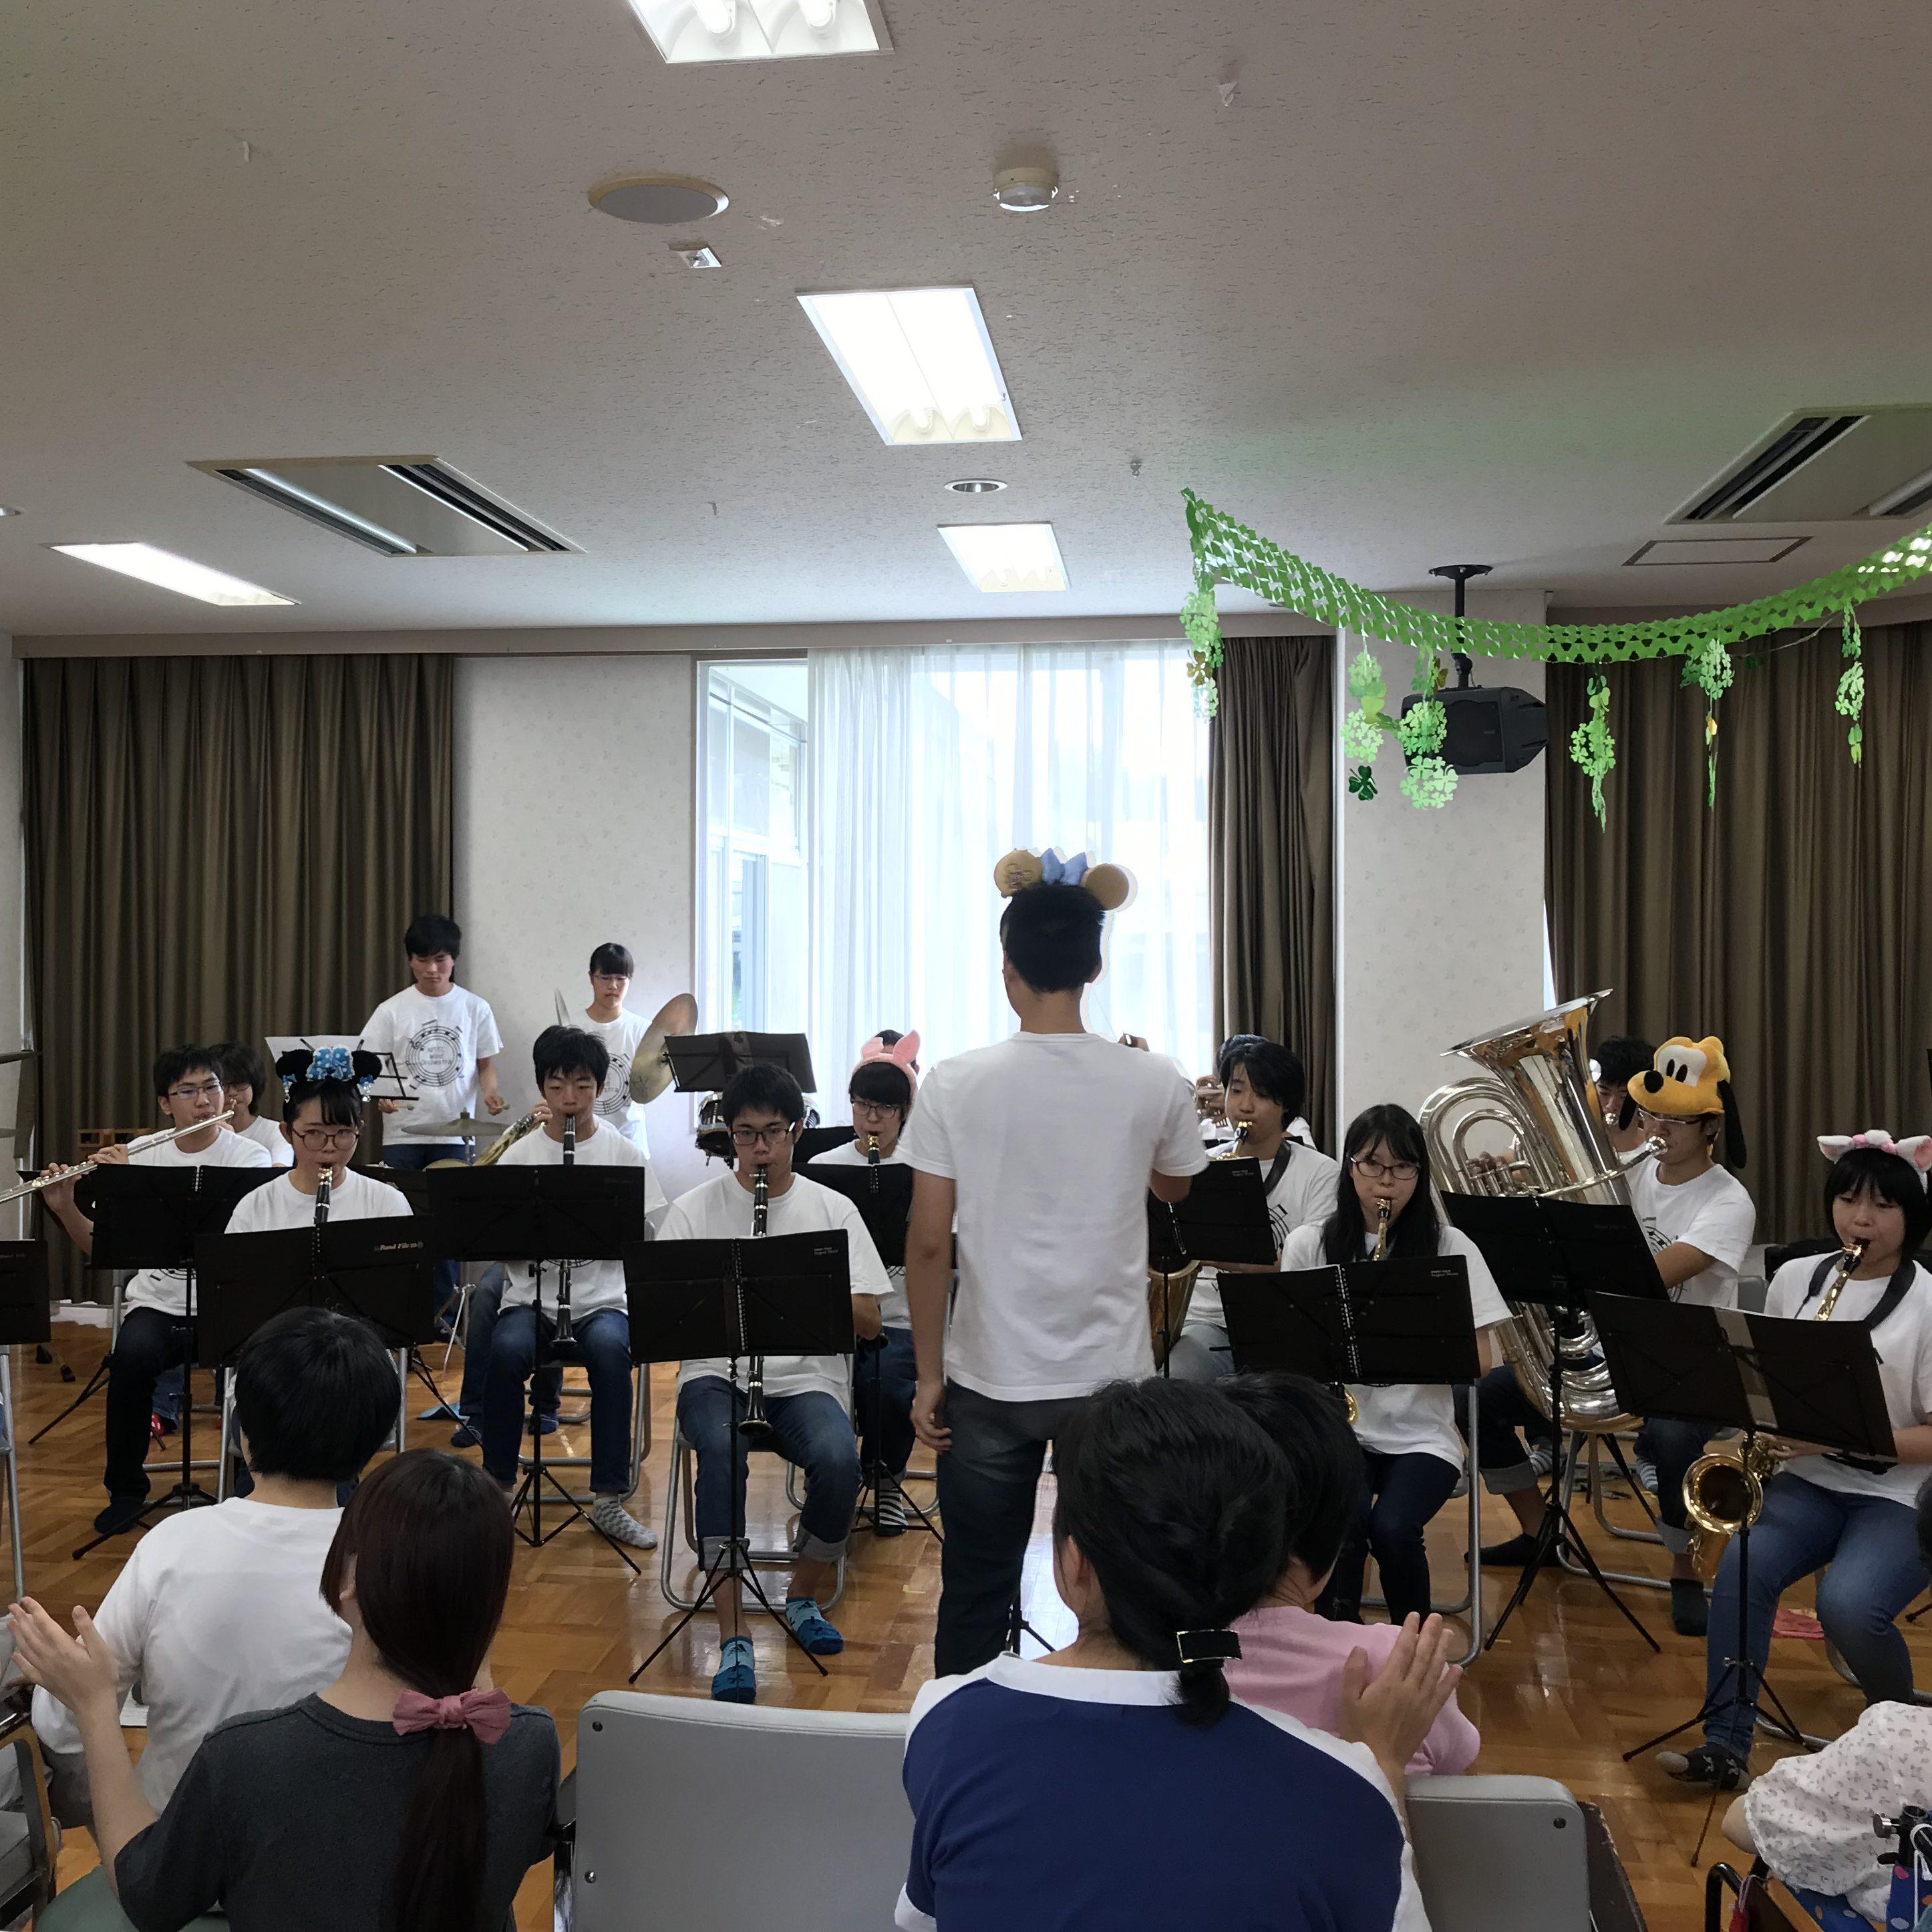 吹奏楽部が障がい者総合支援センター暖を訪問